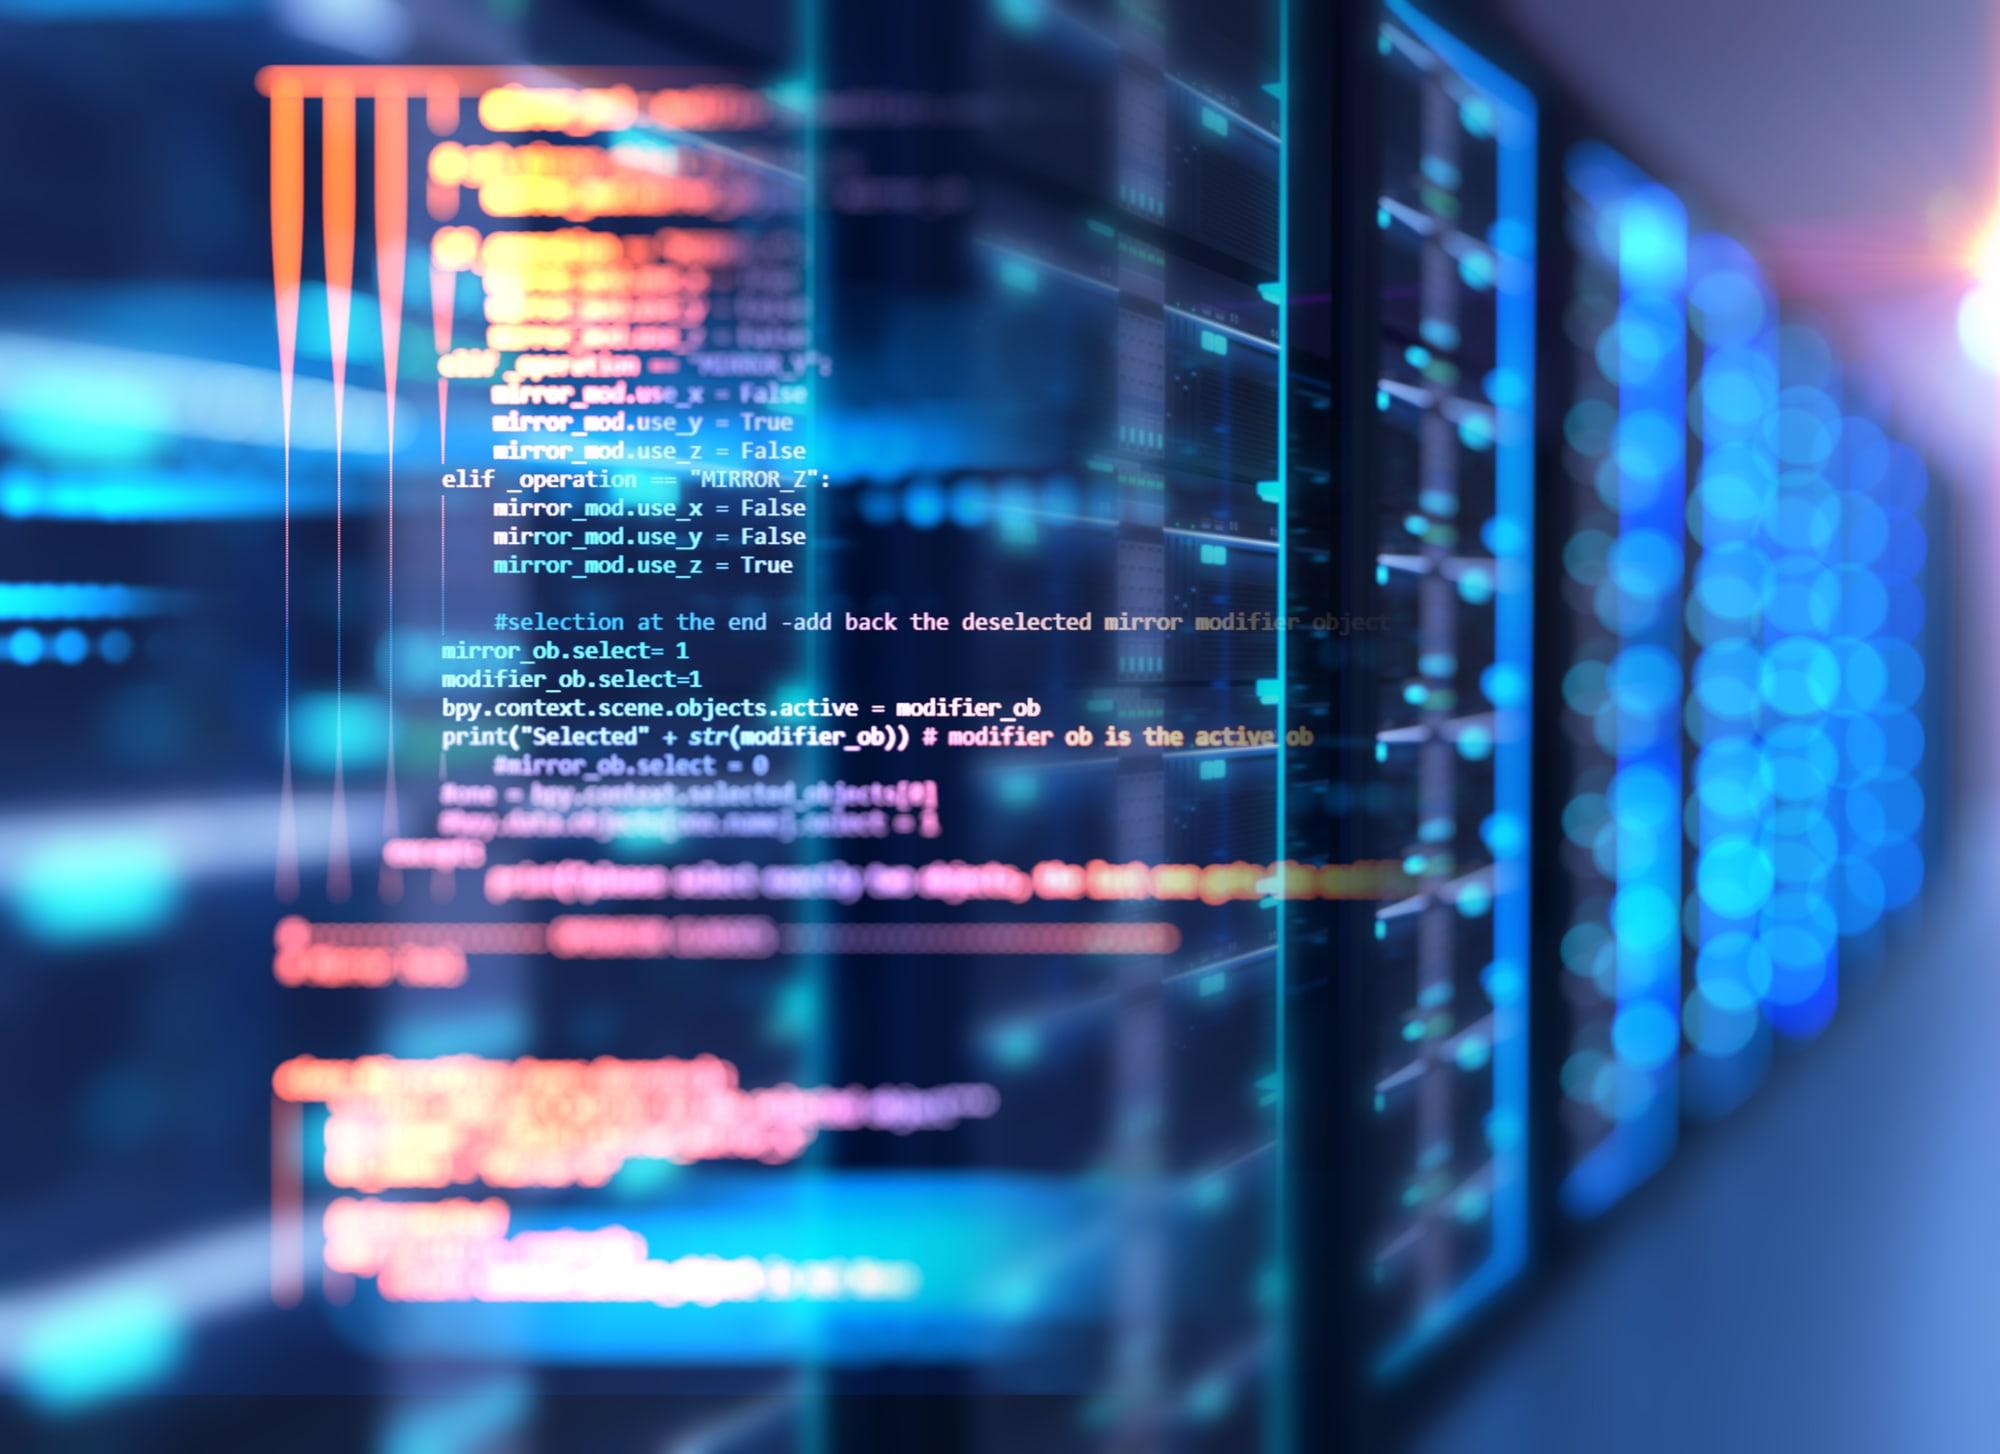 """央视网推出基层治理大数据平台 打通政务服务""""最后一米"""""""